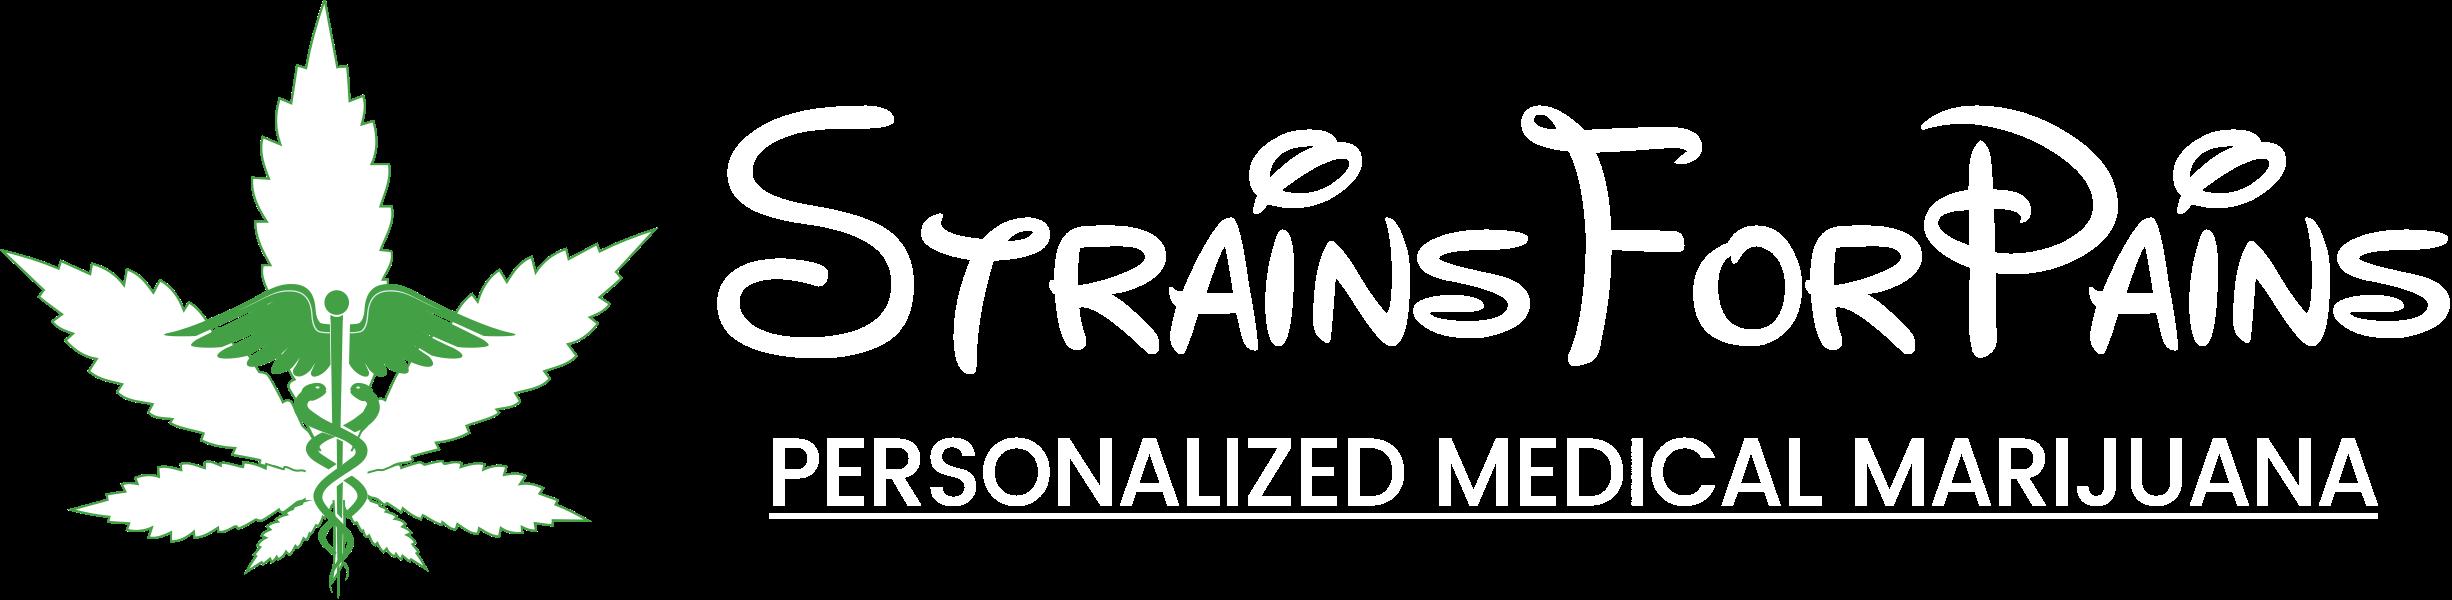 StrainsForPains